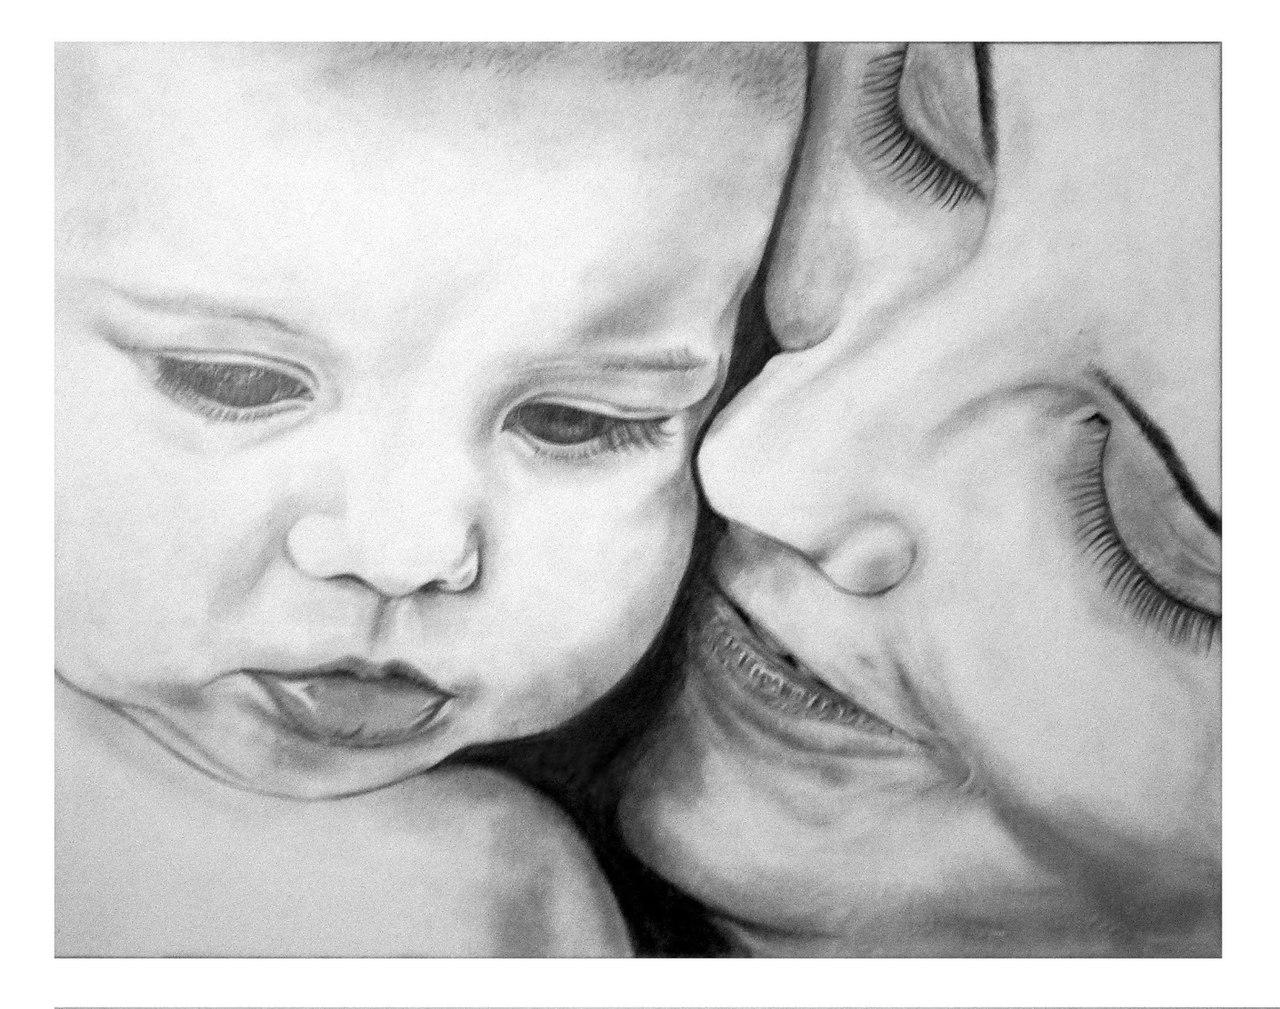 Картинки мать и ребенок нарисованные, надписью саша